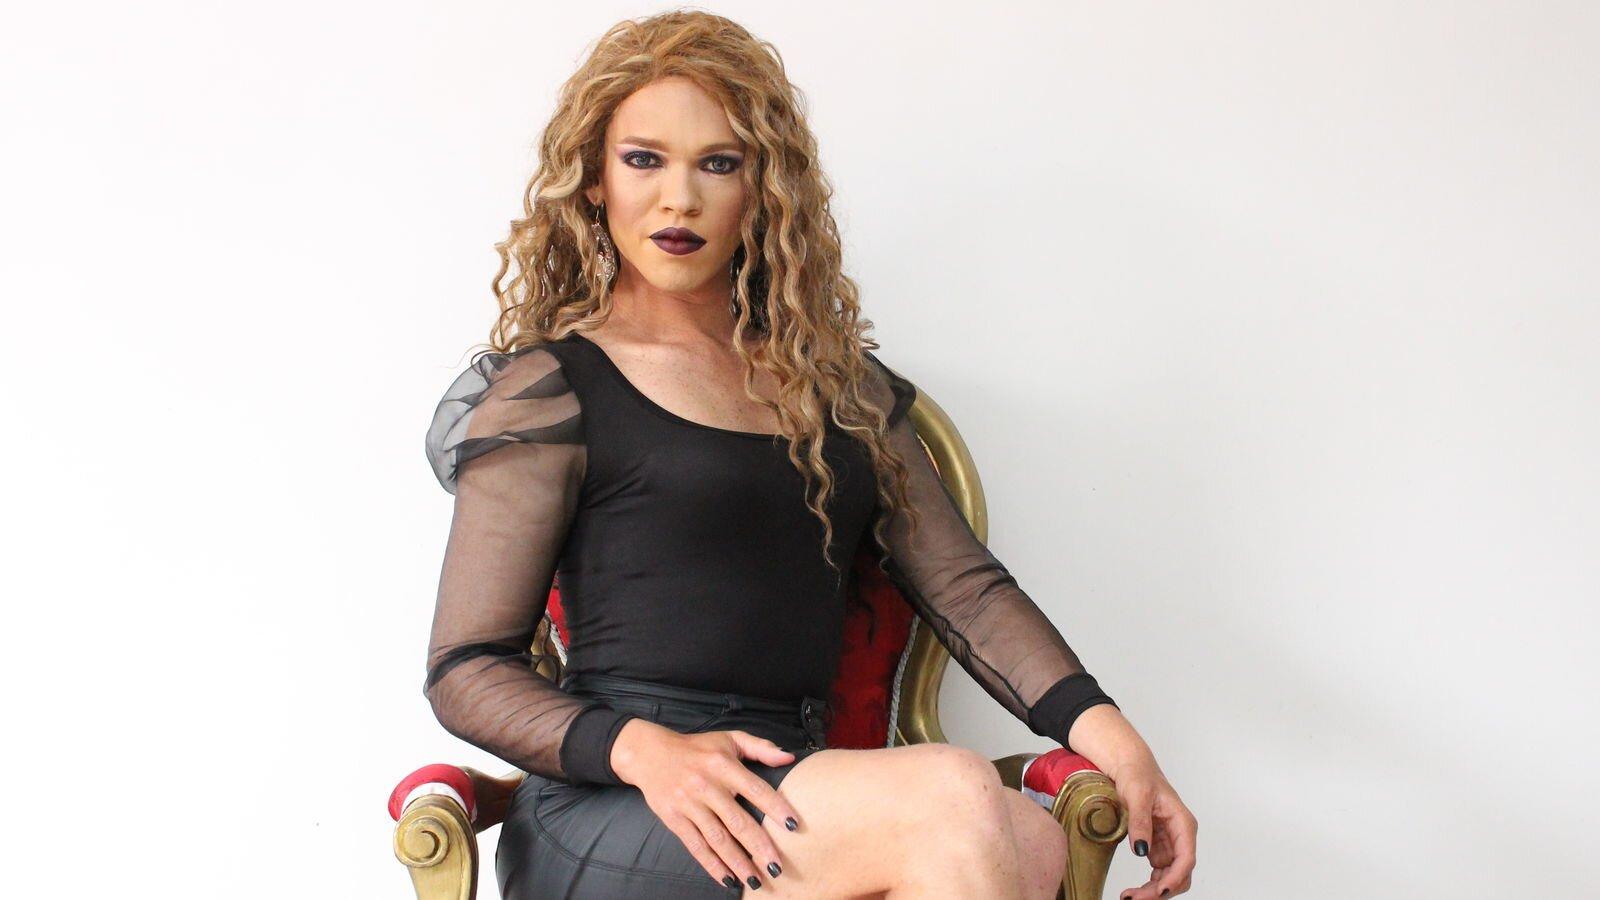 AmandaLuciel